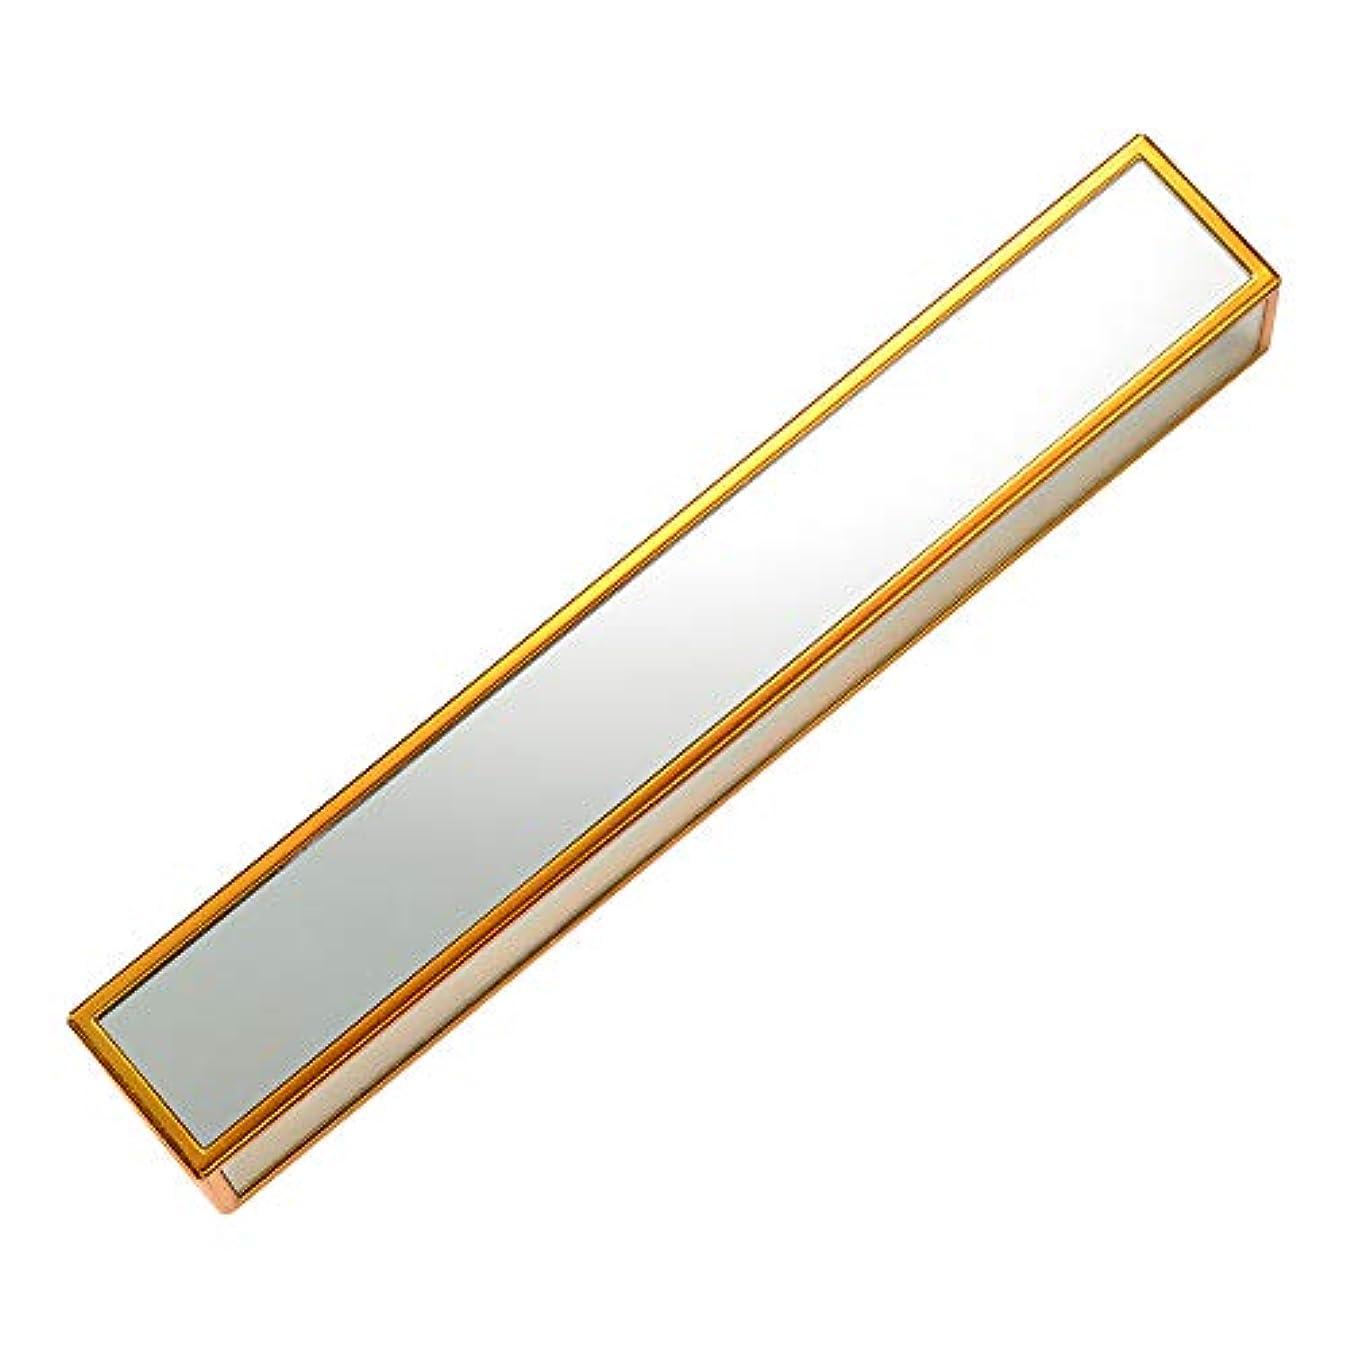 非互換不利影響するスティックミラー (ゴールド)